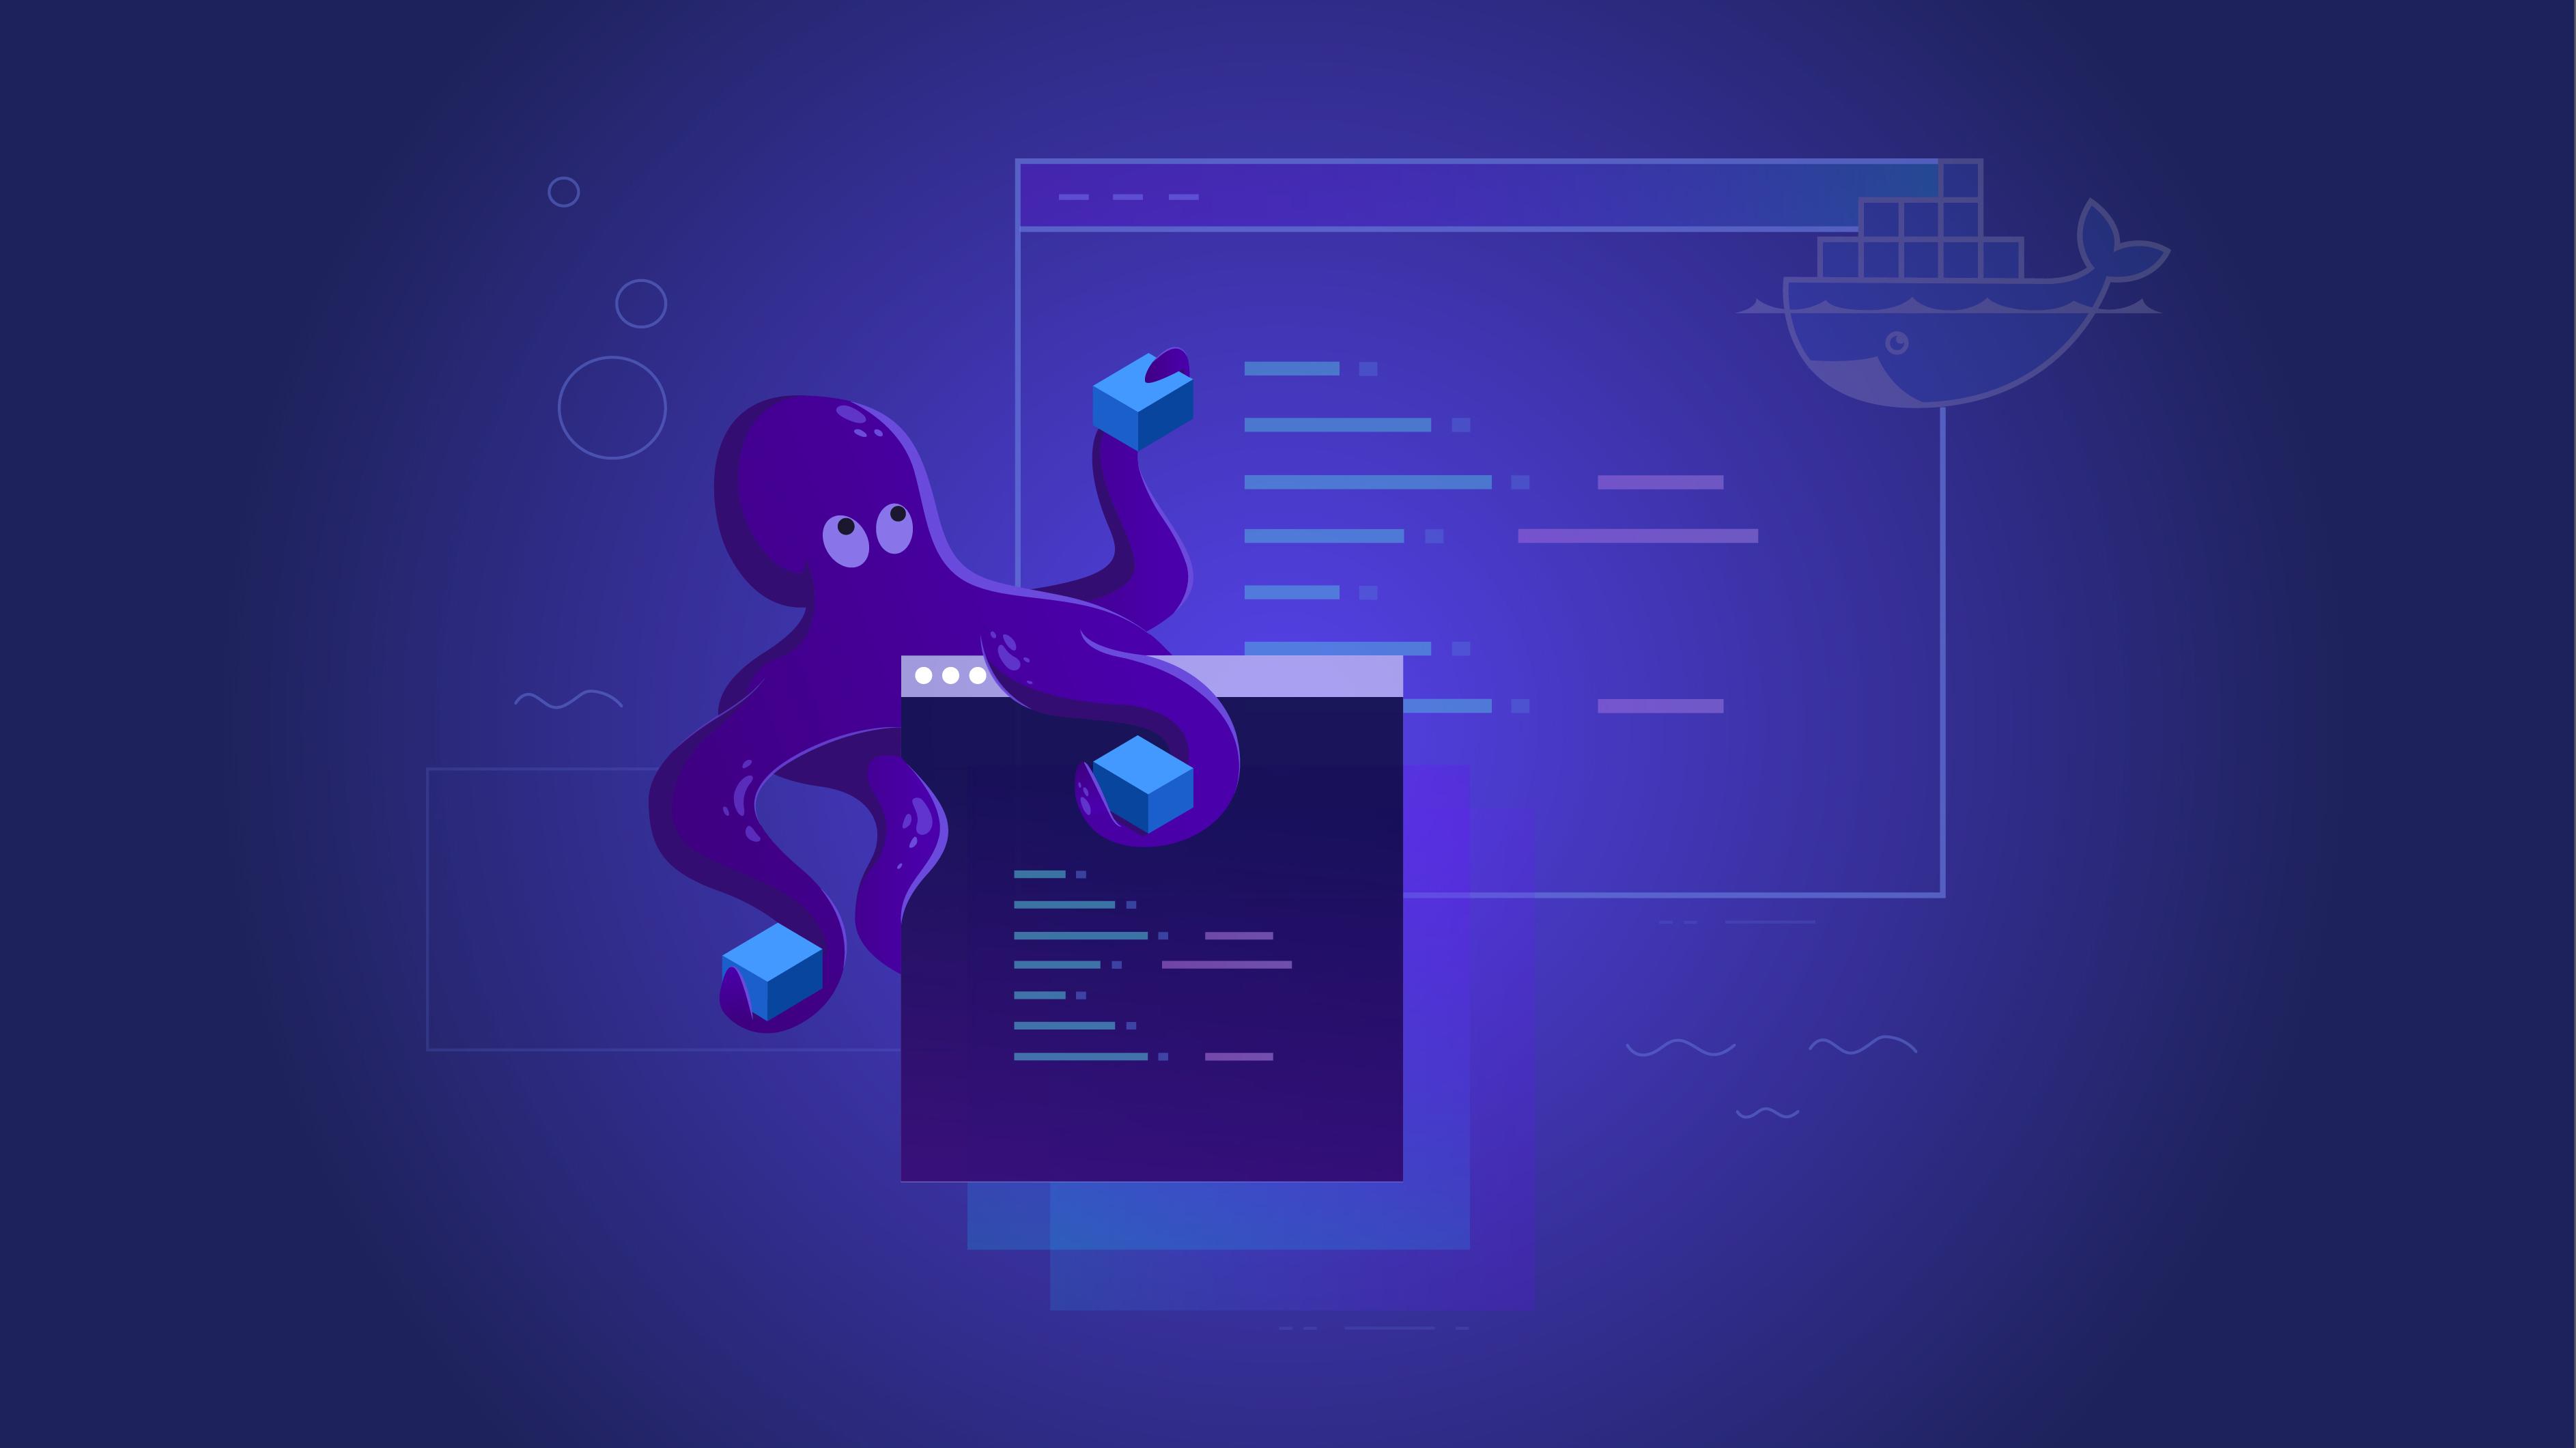 چگونه با استفاده از Docker Compose تغییرات را به صورت لحظهای بارگذاری کنیم؟